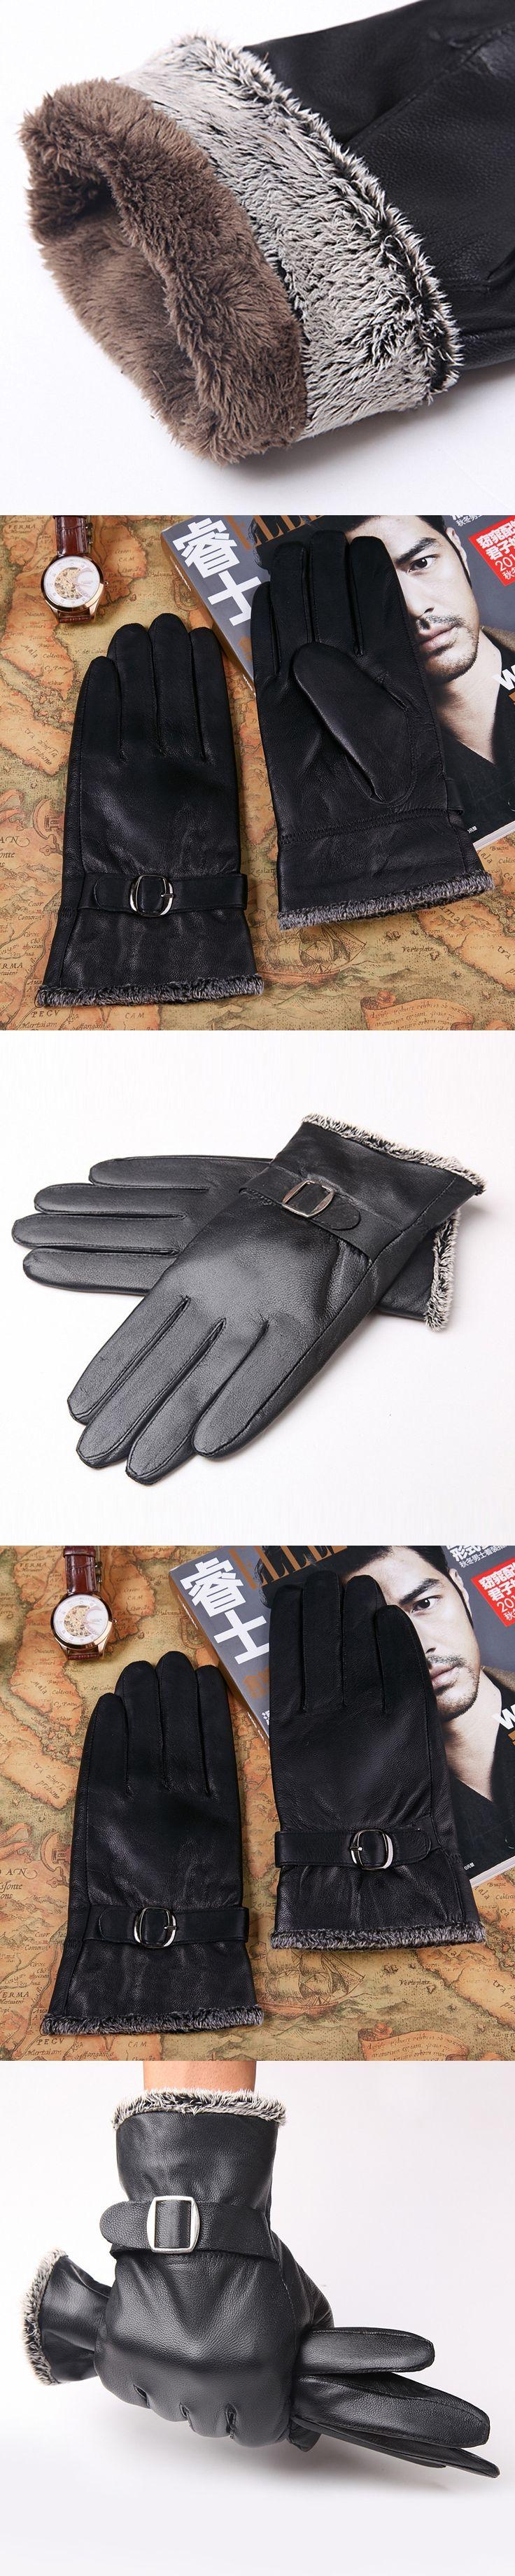 New Designer Men Gloves Drive 100% Genuine Leather Sheepskin Mittens Warm Winter Gloves for Fashion Male Glove Luvas B-5942